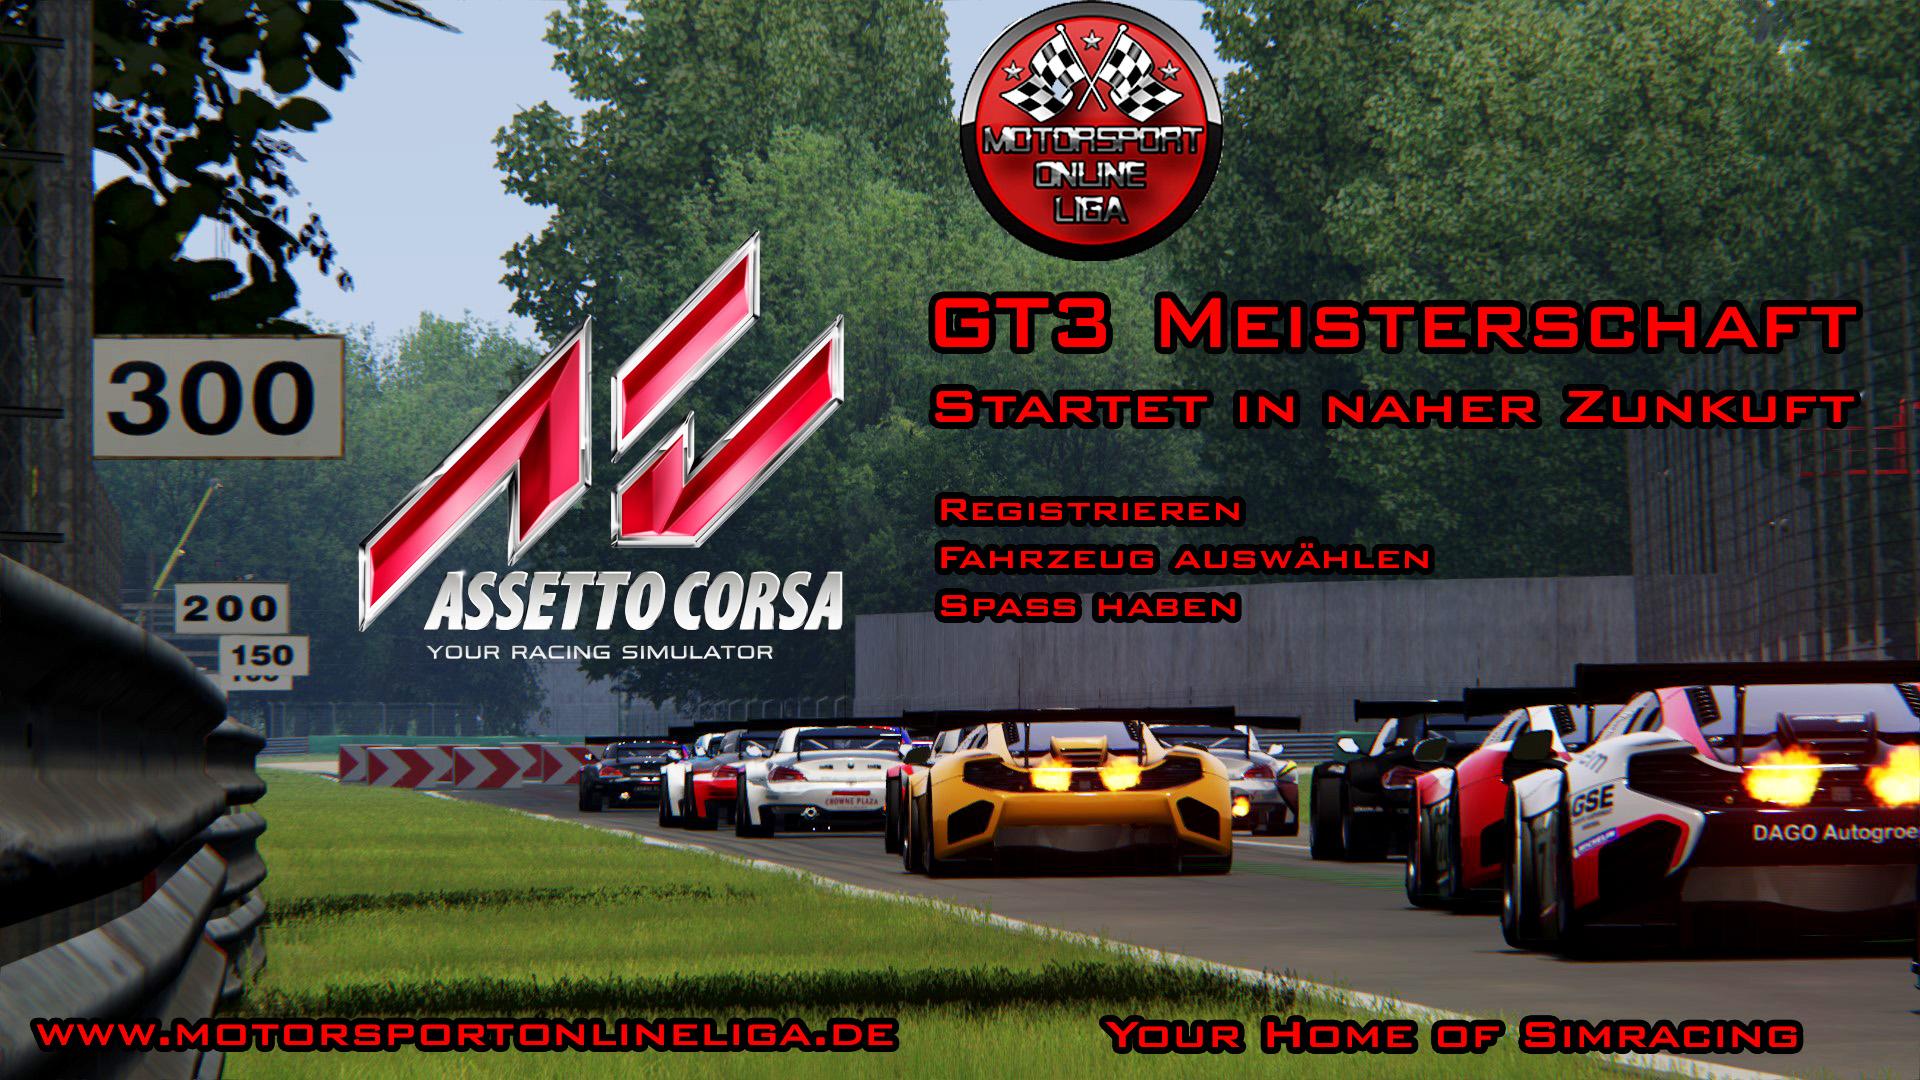 Flyer Assetto Corsa.jpg